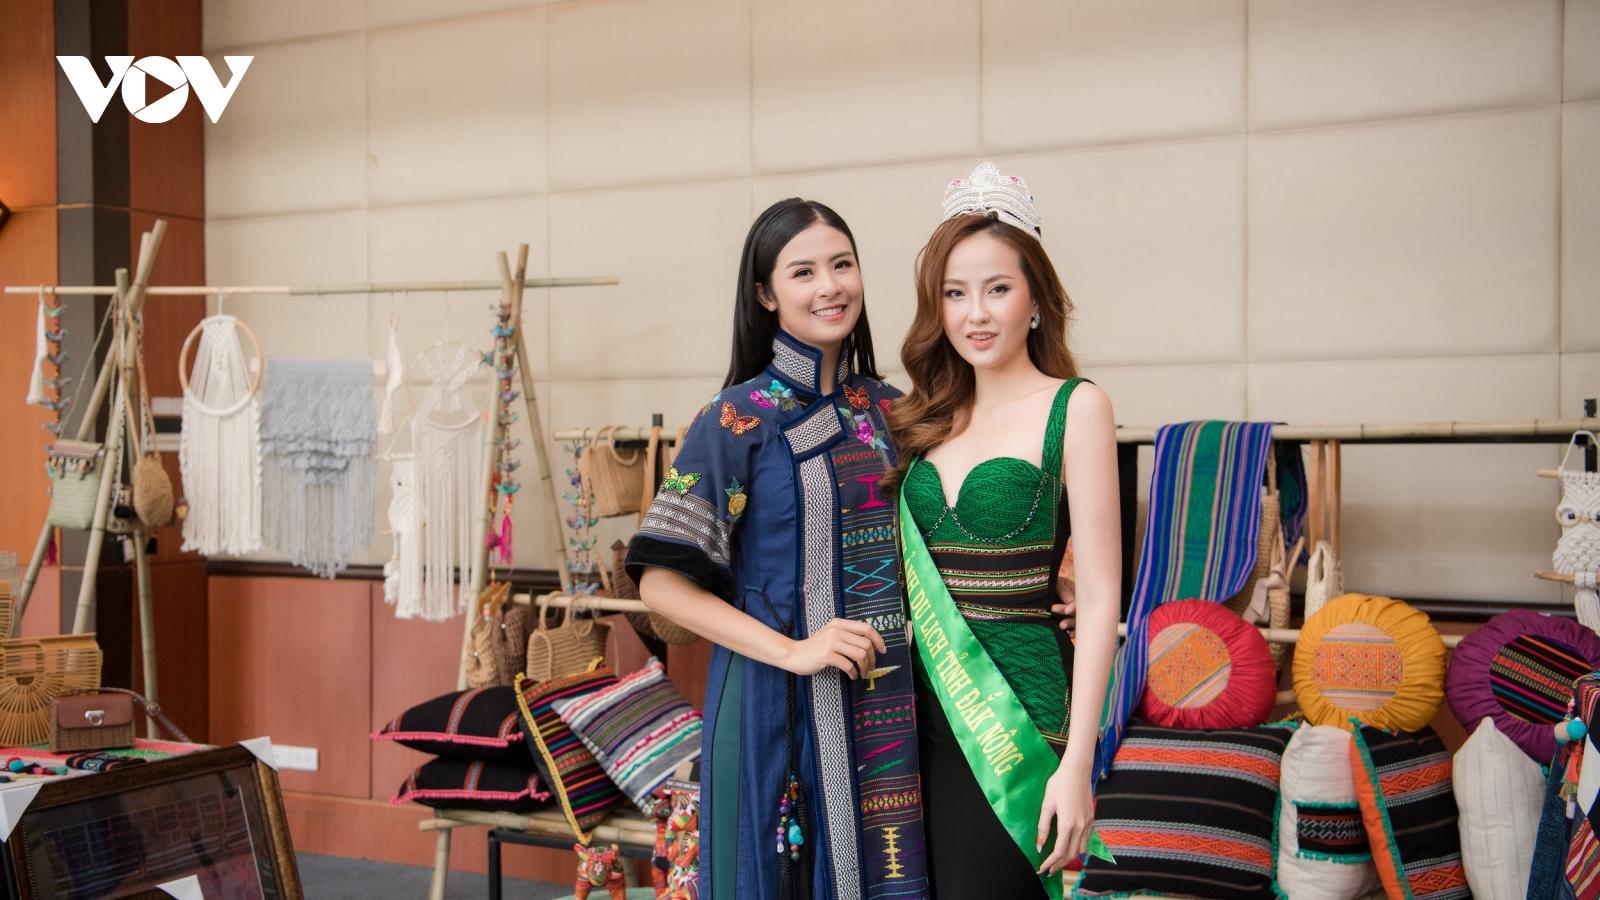 Hoa hậu Ngọc Hân diện áo dài thổ cẩm hội ngộ Hoa khôi Du lịch Khánh Ngân